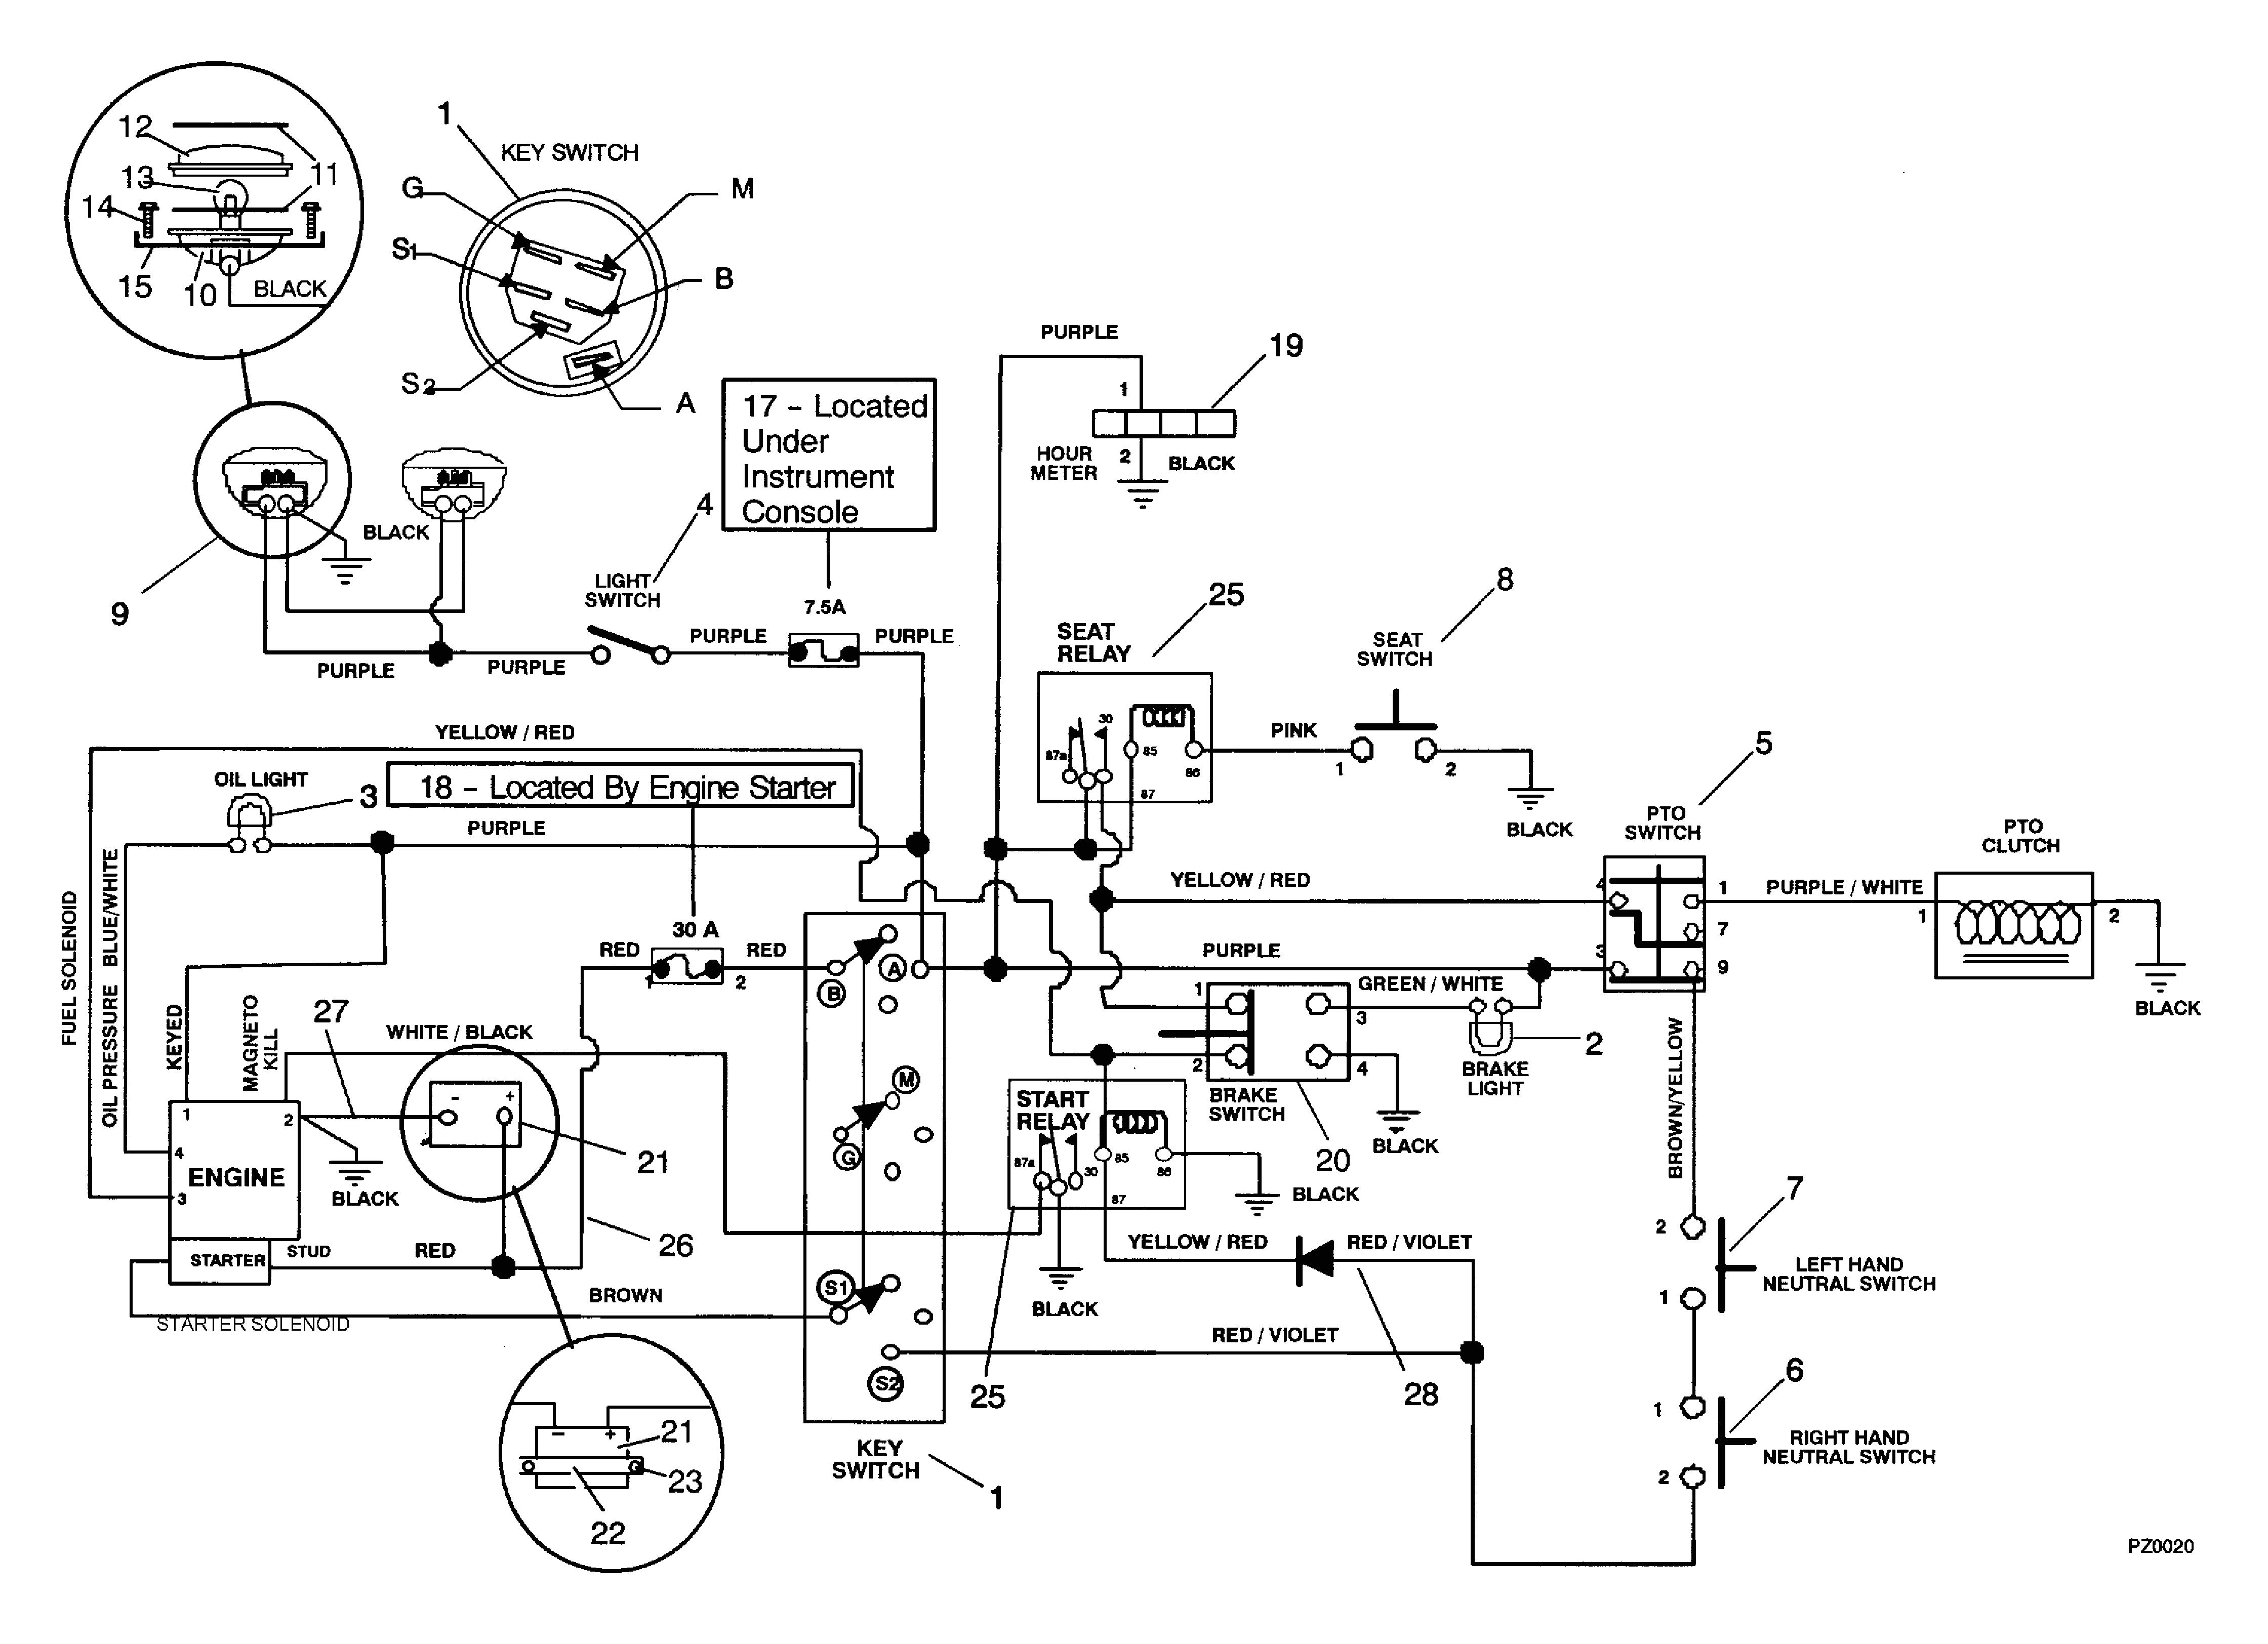 250vdc wiring diagram wiring diagram repair guide 250vdc wiring diagram